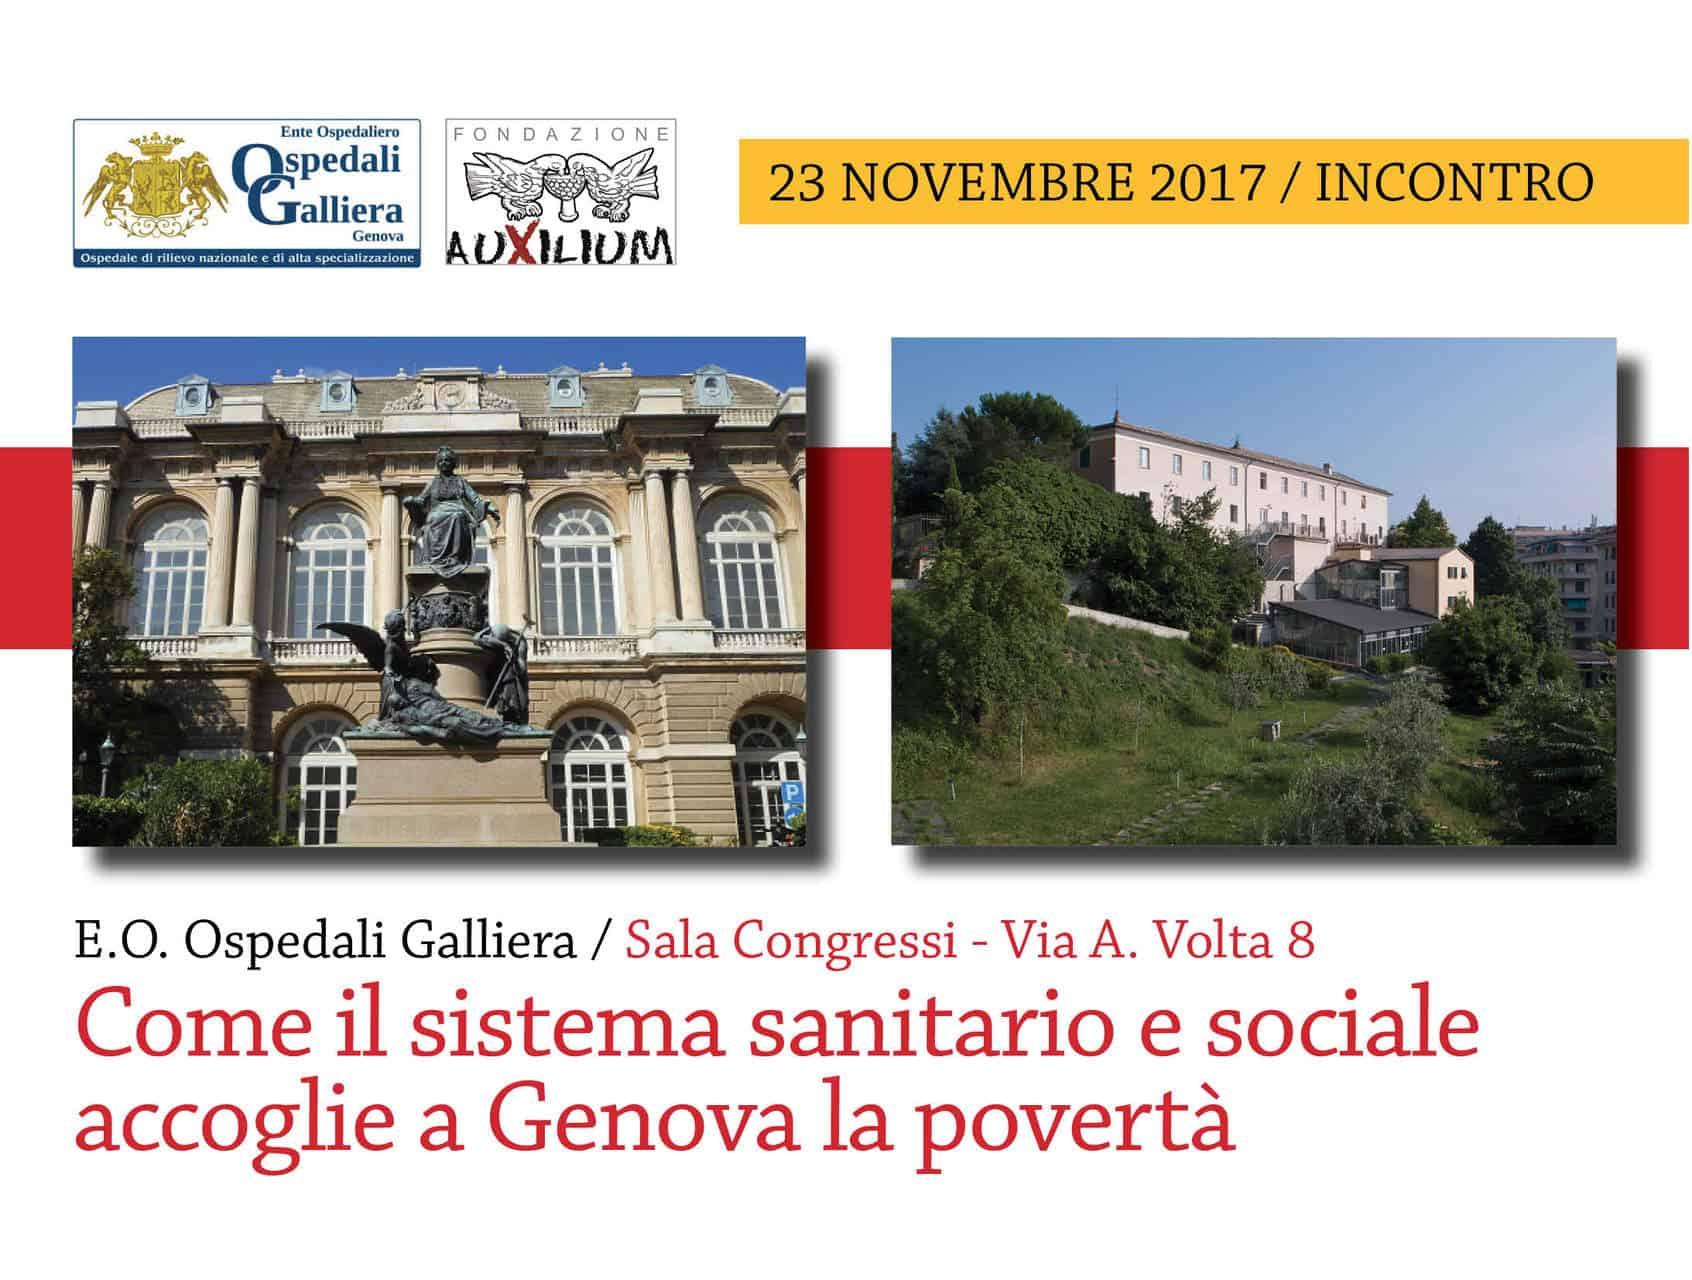 23 Novembre: incontro Auxilium-Galliera su sanità e povertà. Interviene il Card. Bagnasco